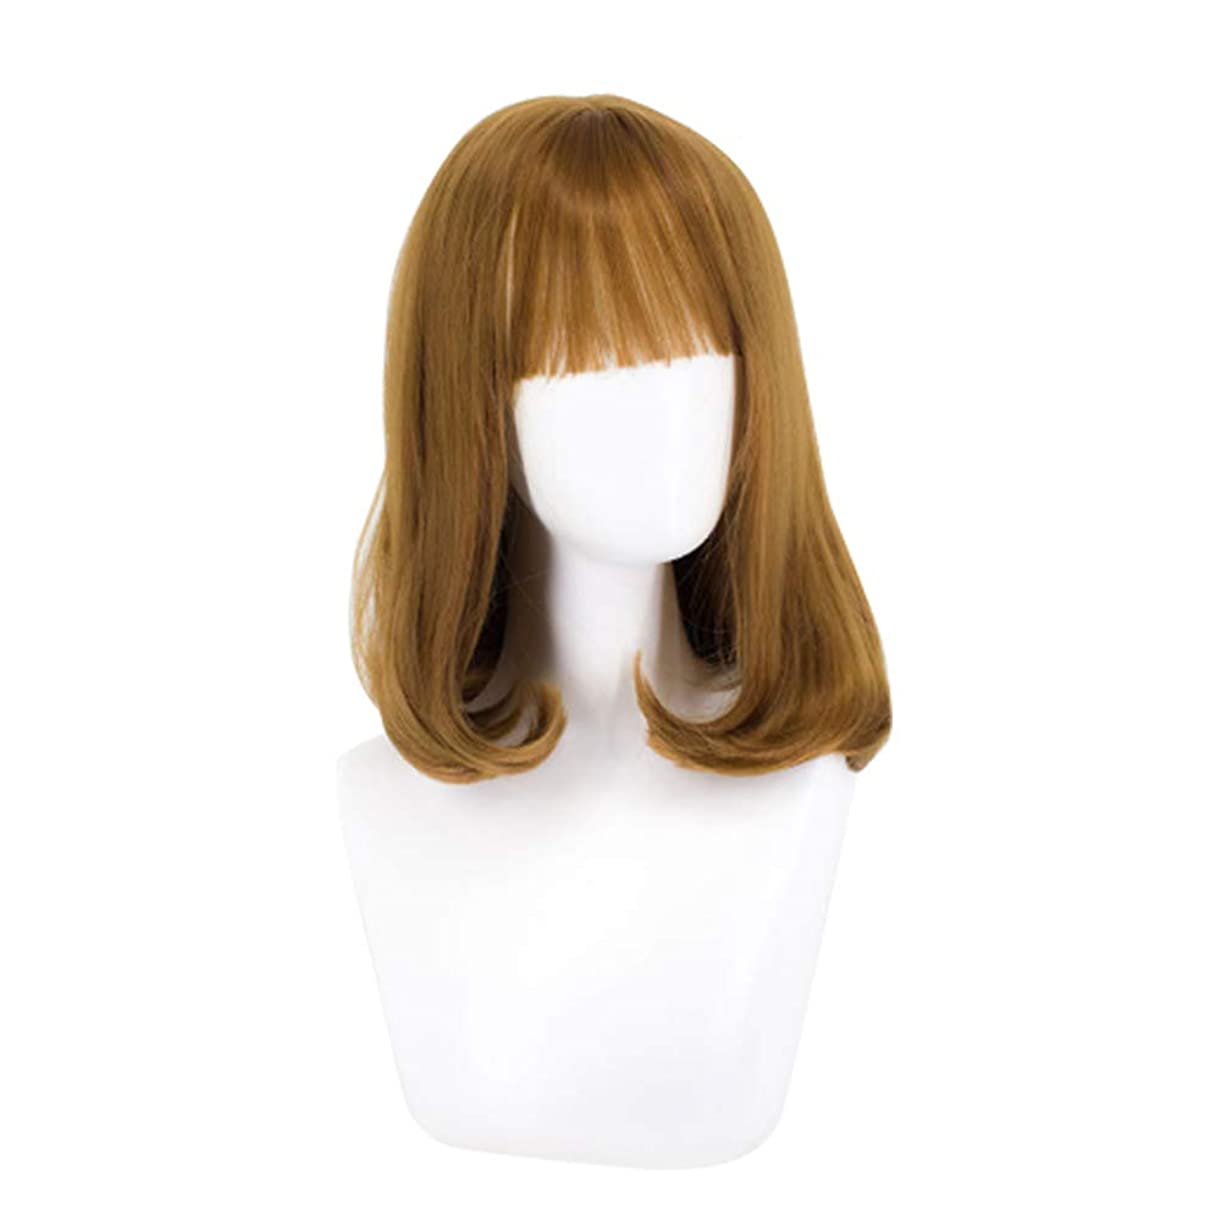 インタビューポータルバースウィッグミディアムロングヘアー女性のためのふわふわウェーブのかかった髪かつら自然に見える耐熱性のある合成ファッションウィッグミディアムロングヘアーカーリーかつら,Yellow